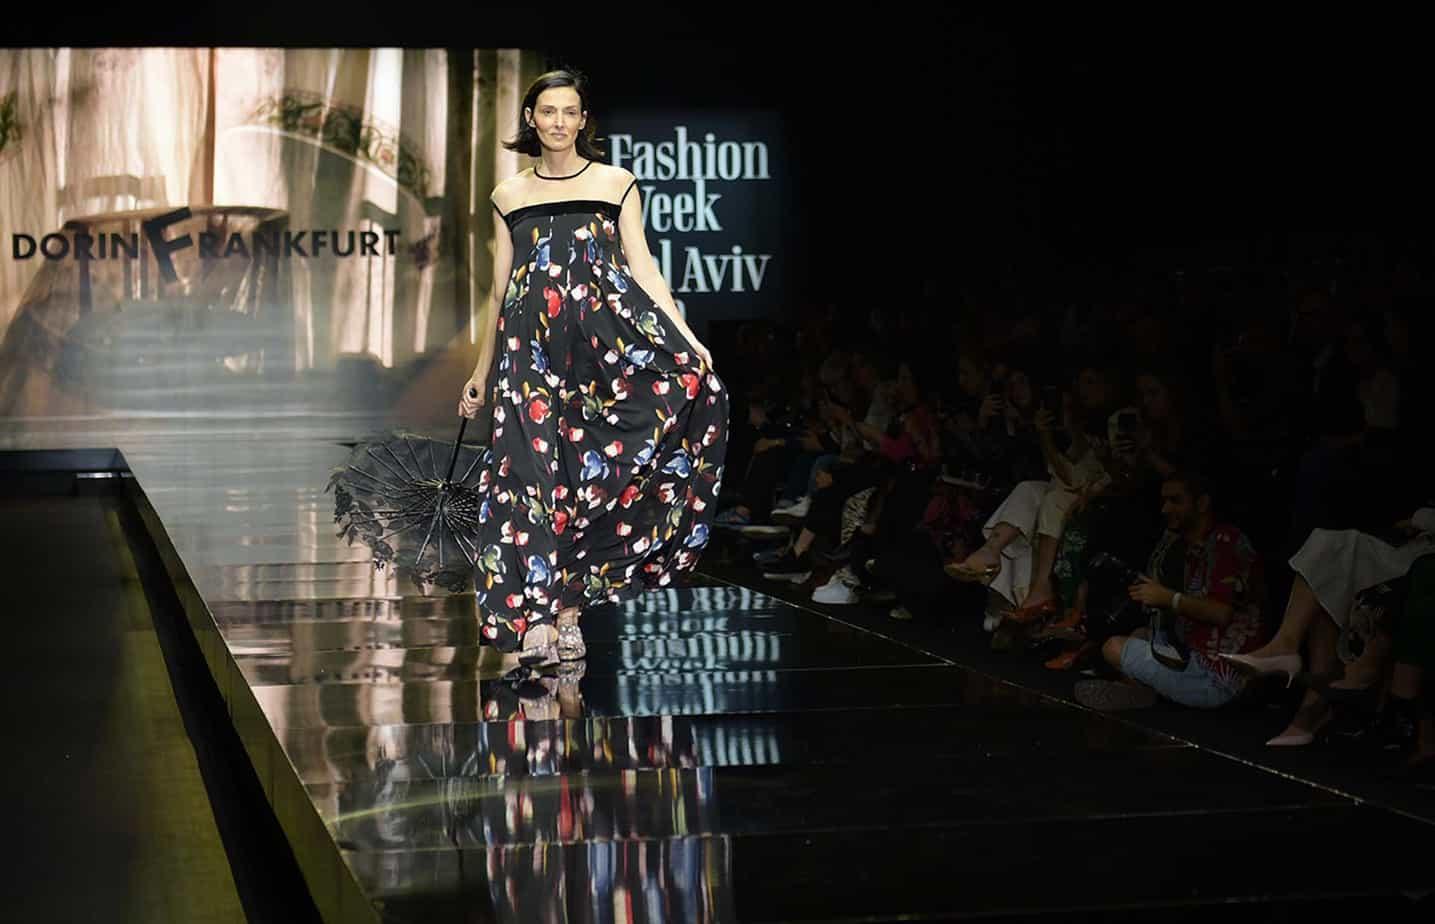 דורין פרנקפורט. שבוע האופנה תל אביב 2019. צילום סרג'ו סטרודובצב - 15